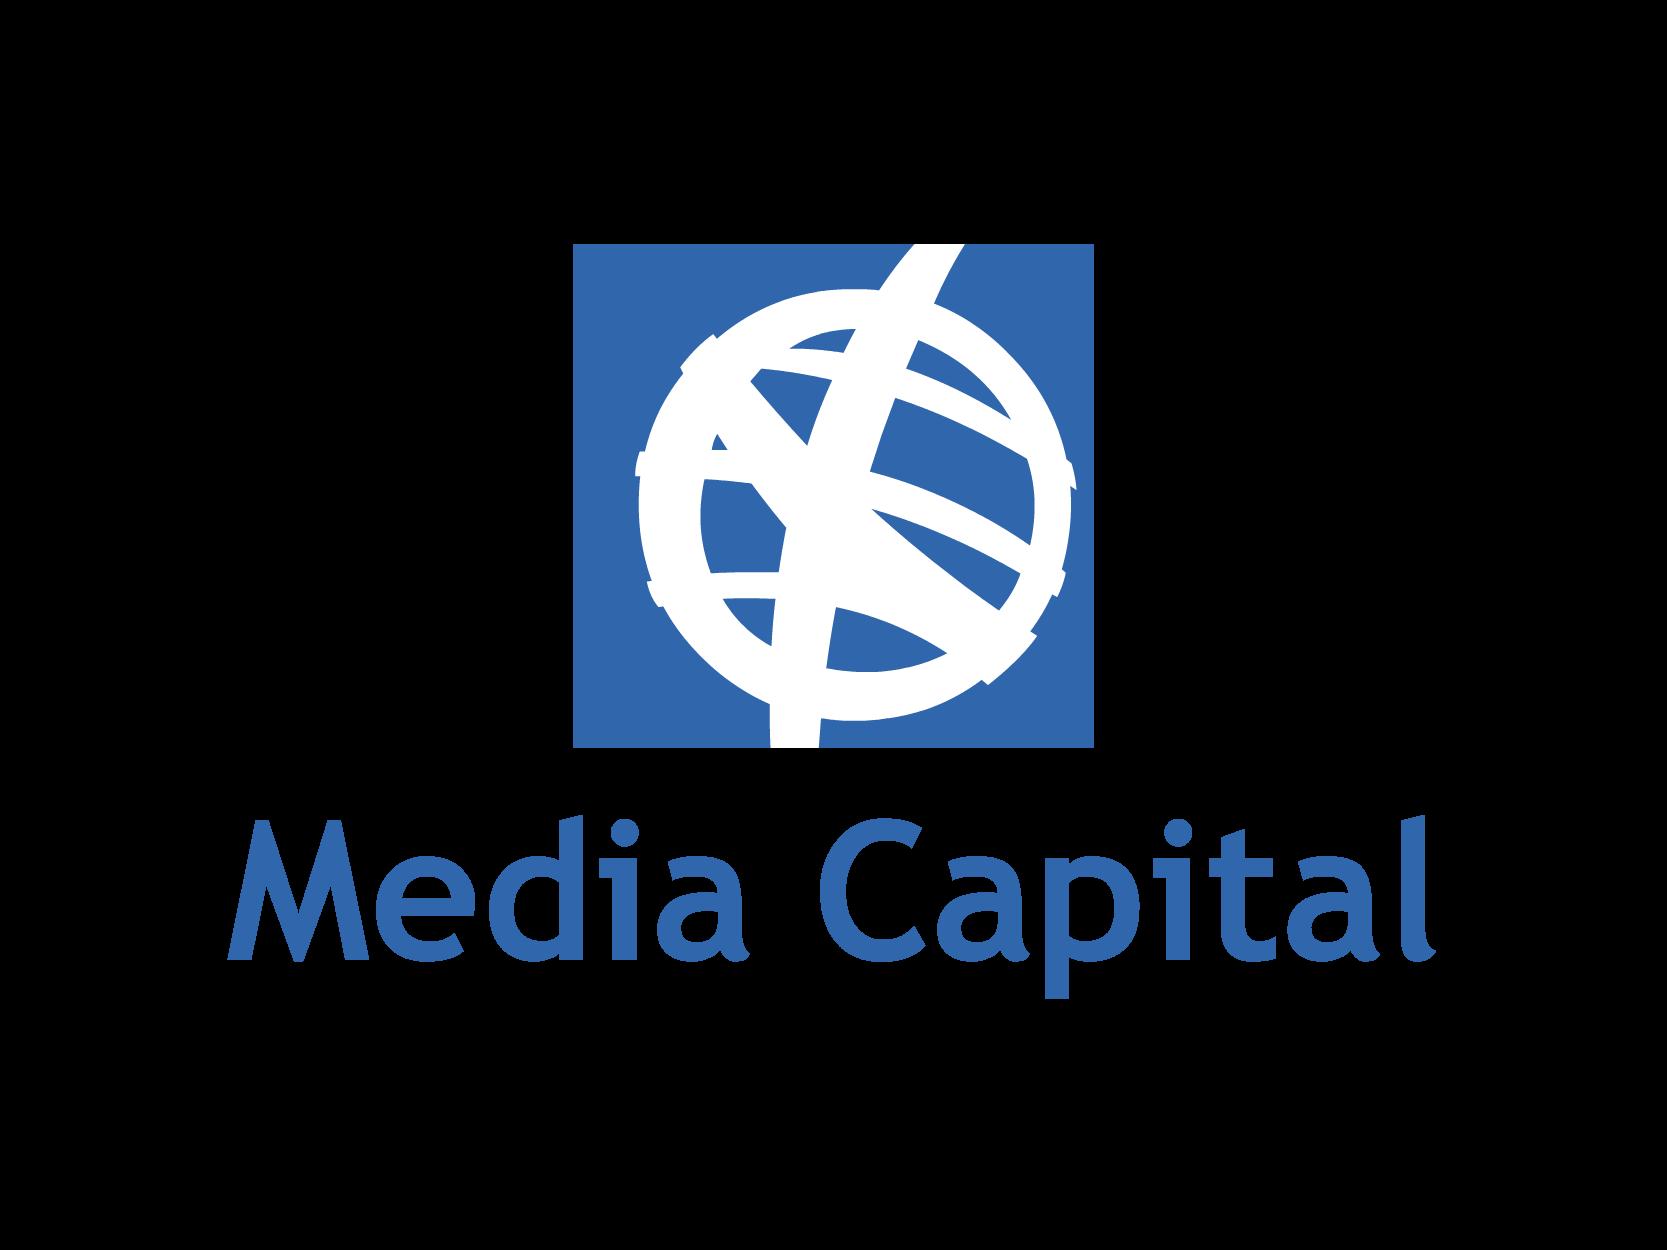 Media Capital divulga resultados do primeiro semestre de 2015